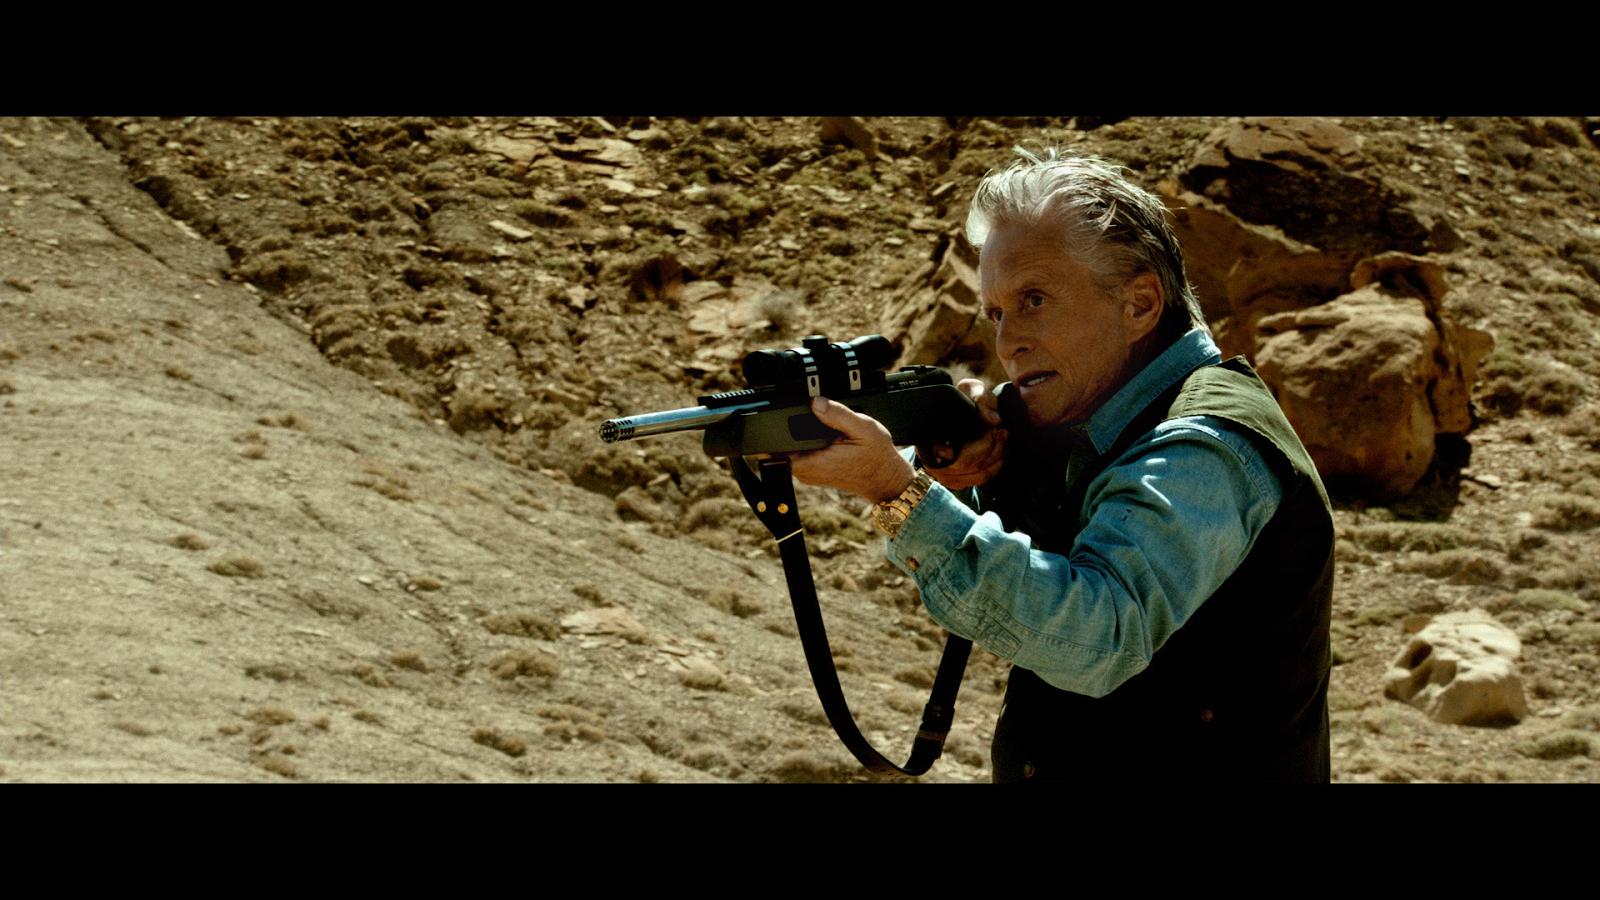 Beyond The Reach (2014) 1080p BD25 4